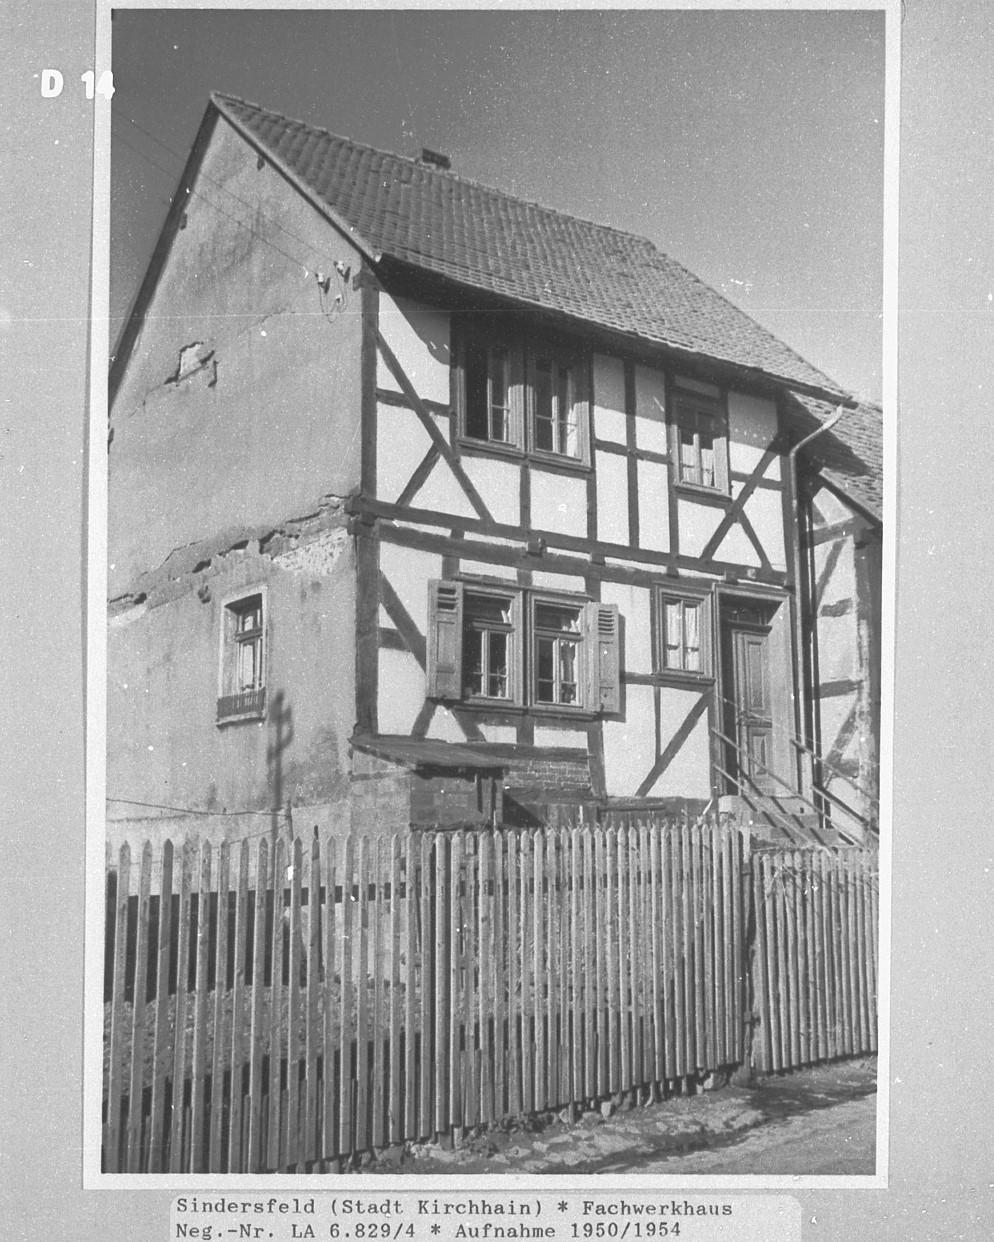 Fachwerkhaus Aufnahme von 1950/54